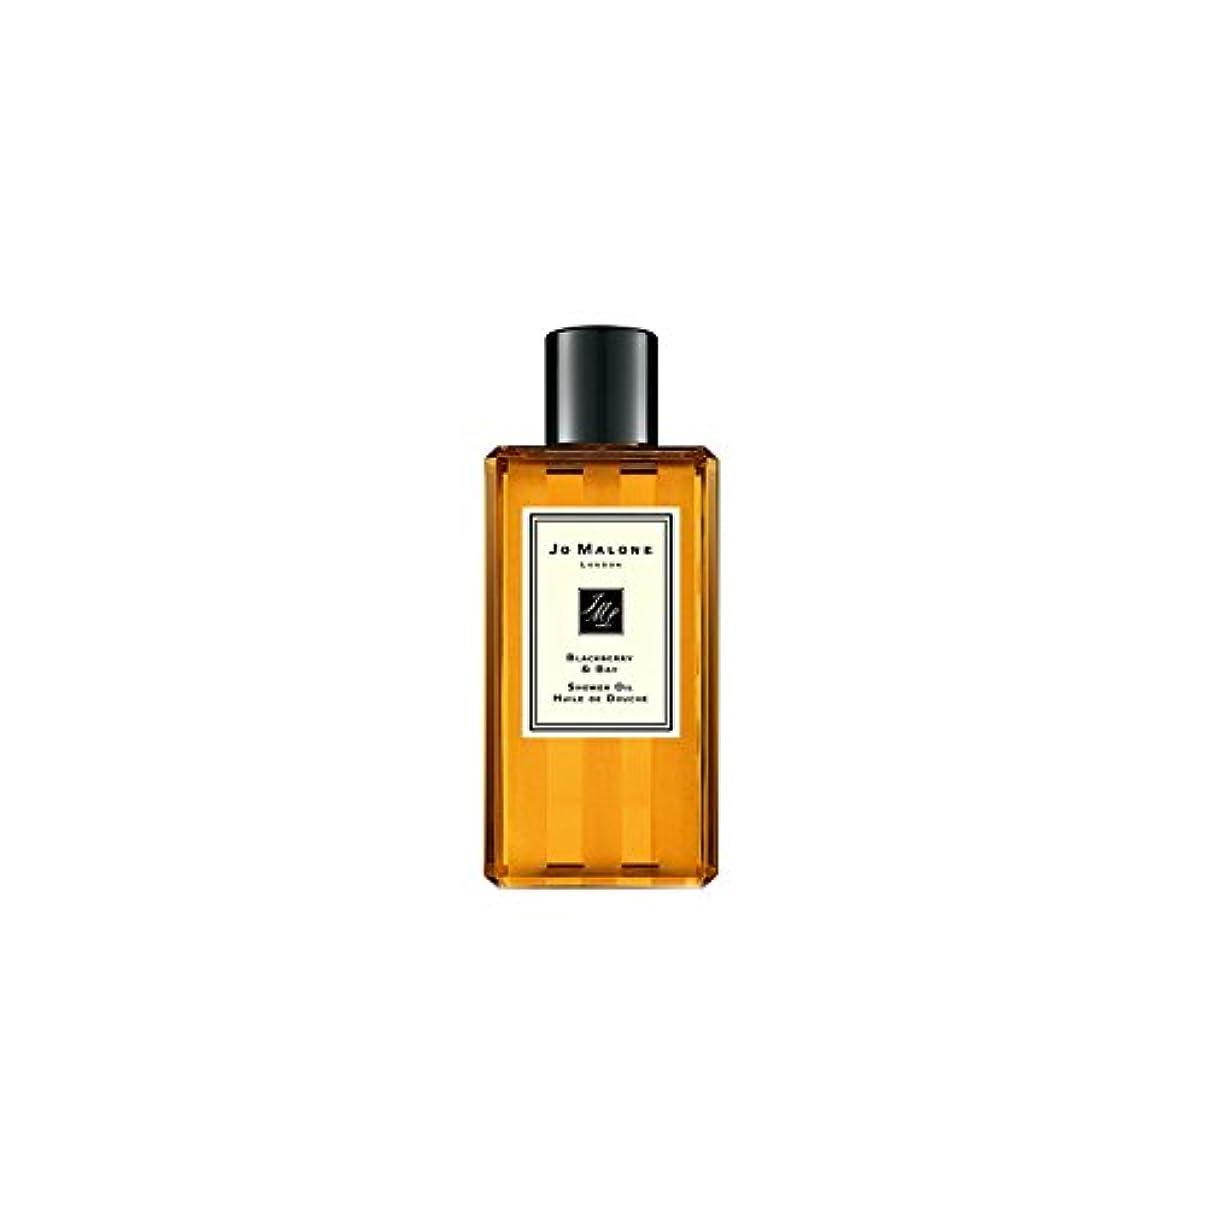 信頼できる伴う薬Jo Malone Blackberry & Bay Shower Oil - 250ml (Pack of 6) - ジョーマローンブラックベリー&ベイシャワーオイル - 250ミリリットル (x6) [並行輸入品]